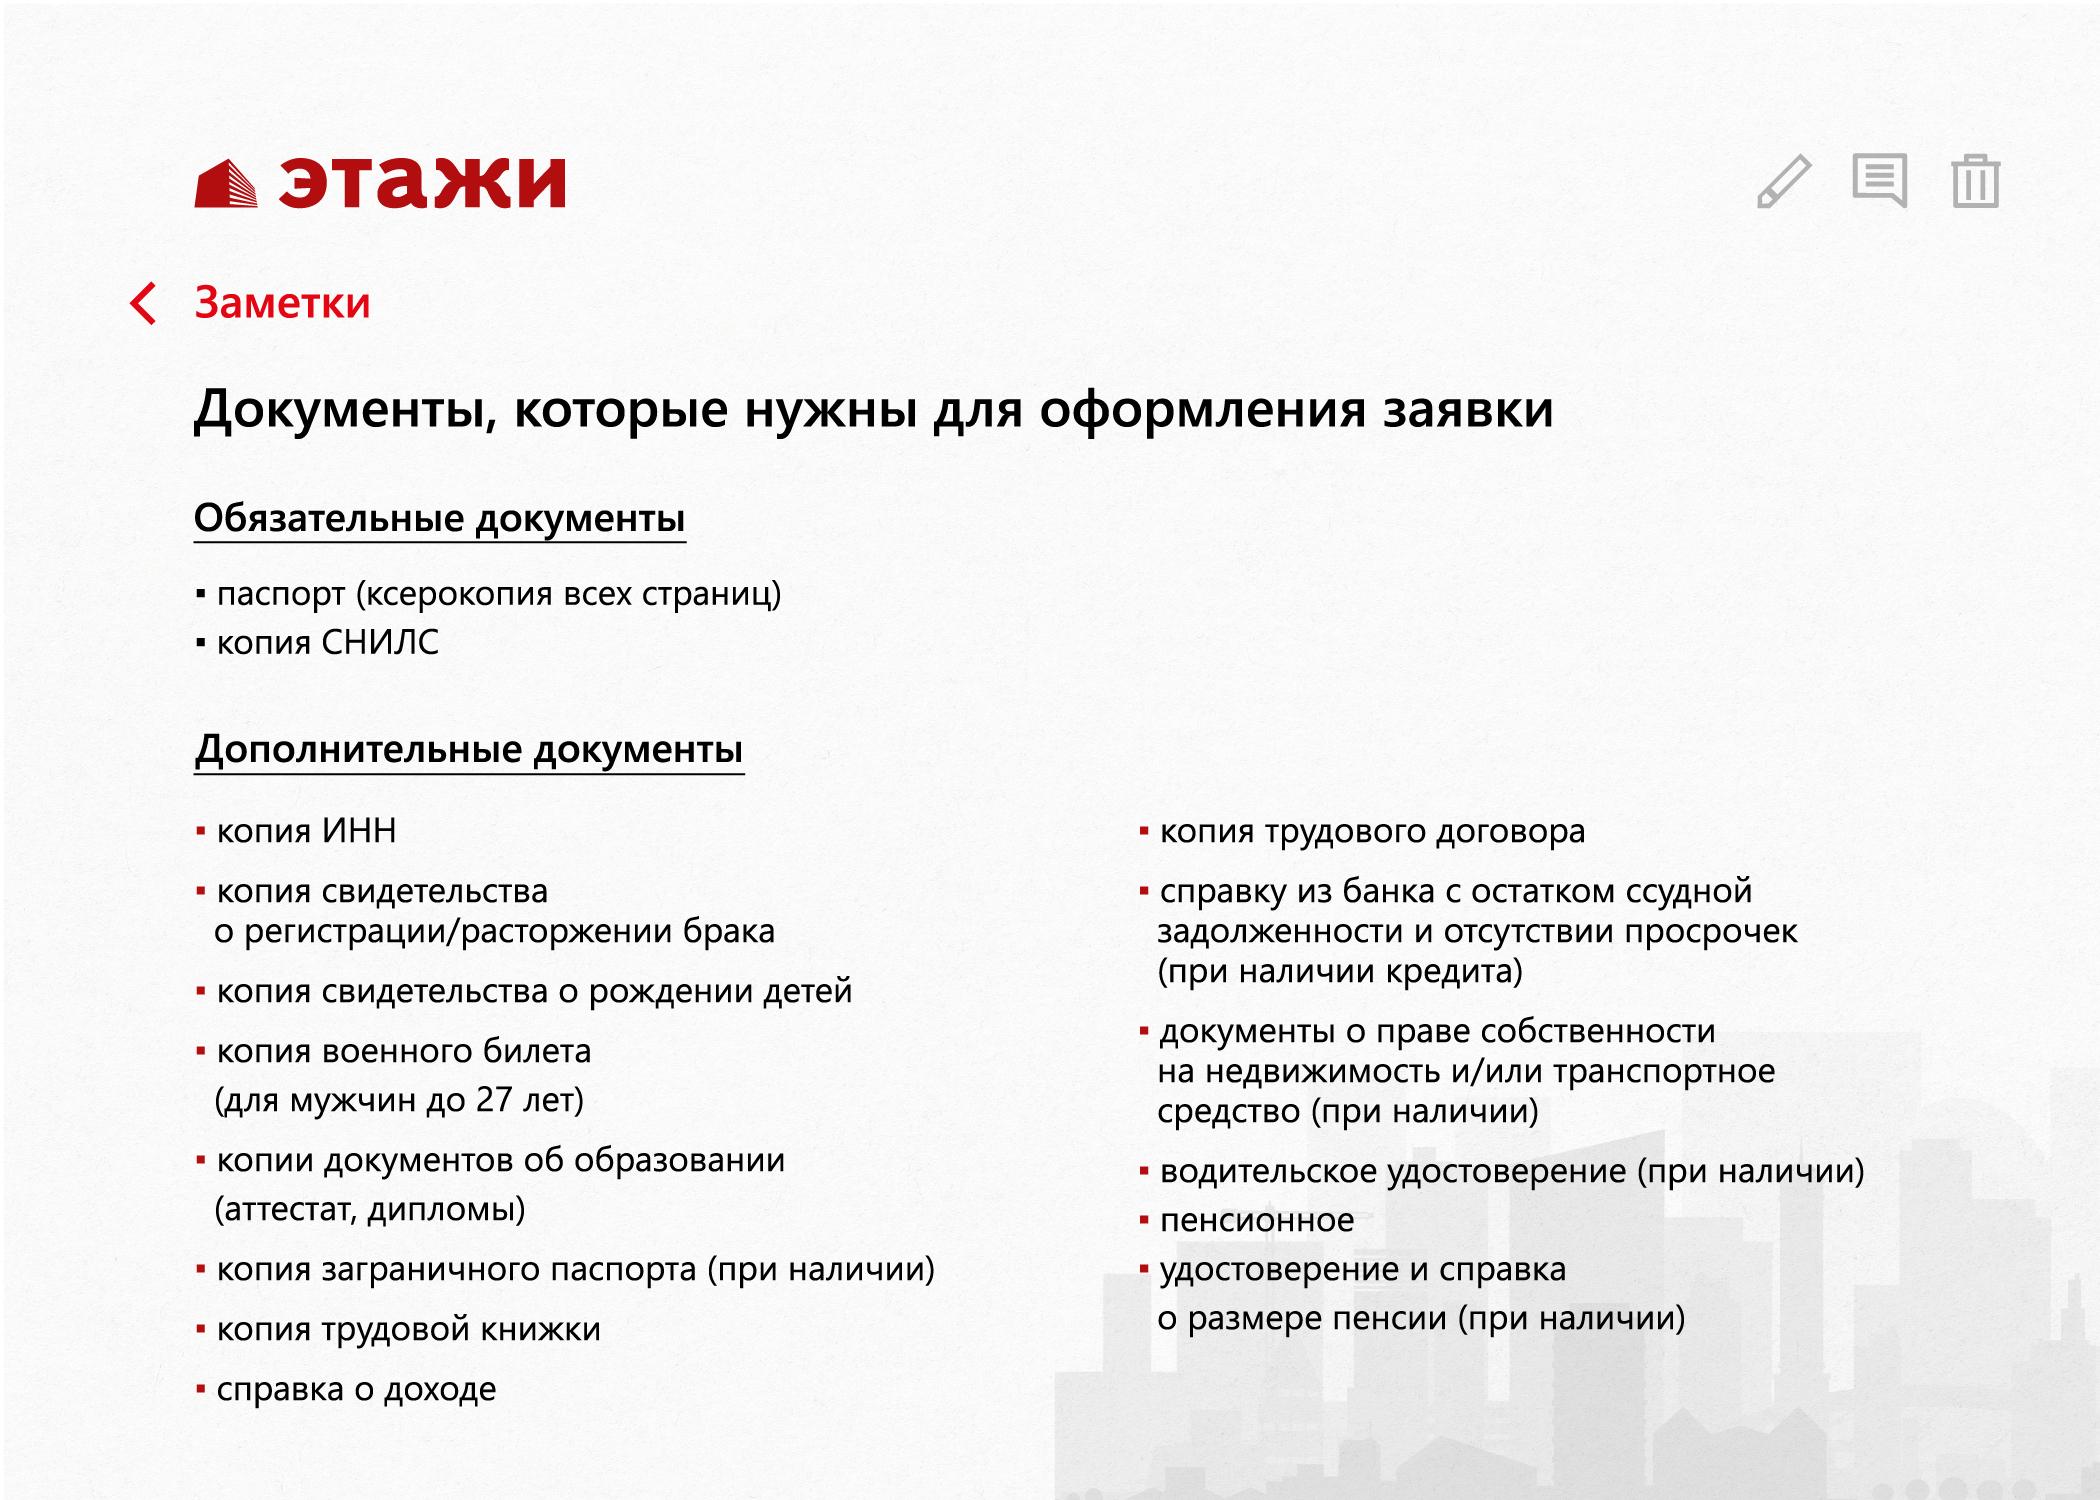 Банк УРАЛСИБ вошел втоп-10 рейтинга банков-эмитентов карт «Мир»